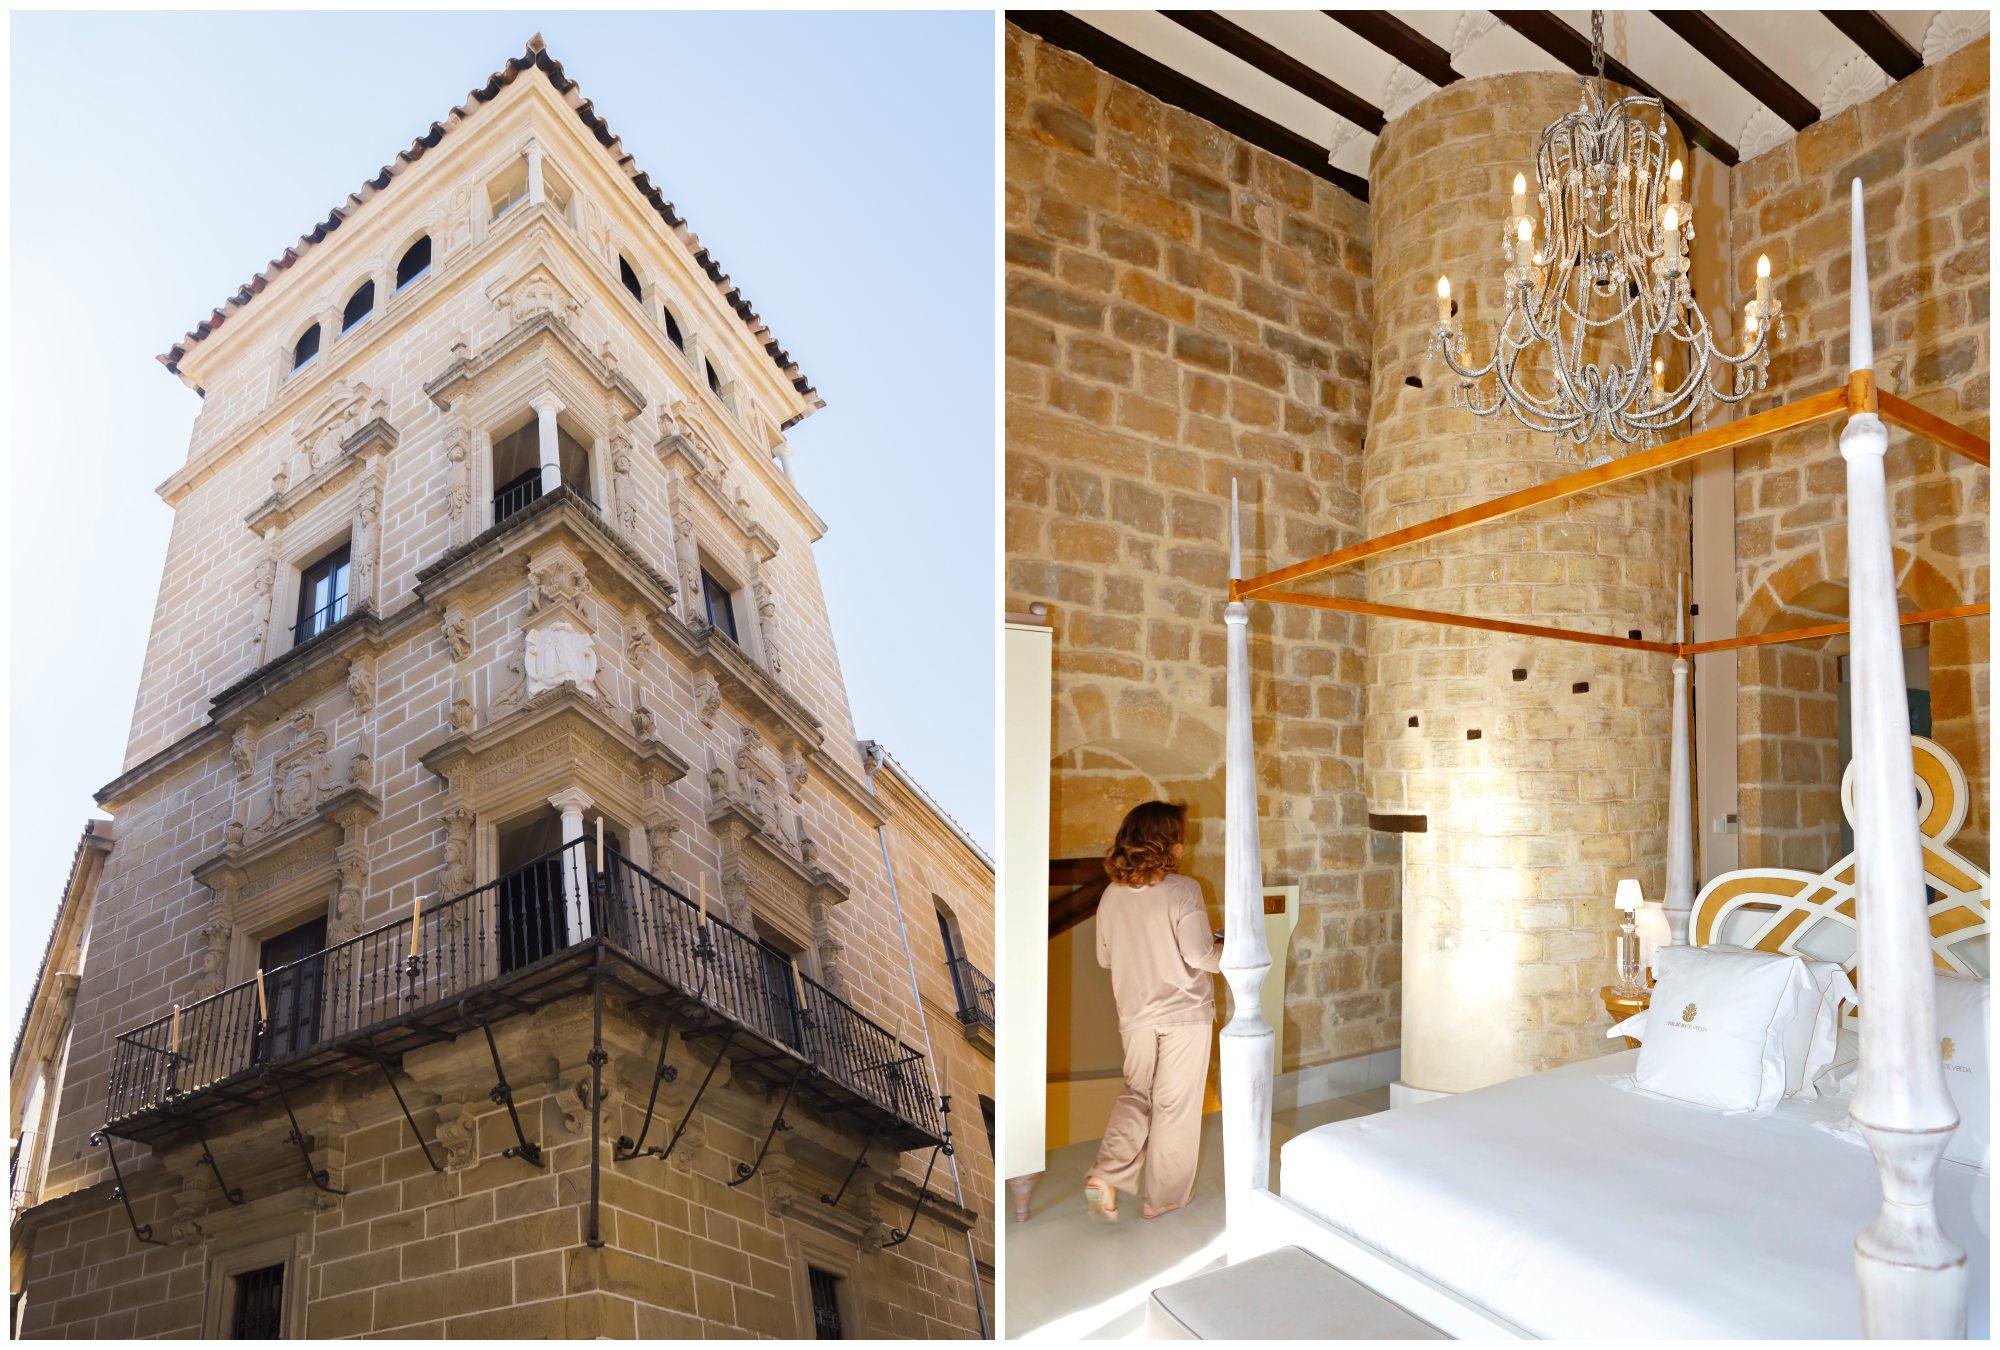 La 'suite' Cobos se encuentra en la parte alta de la torre. Junto a la cama, la escalera de caracol. Foto: Shutterstock.